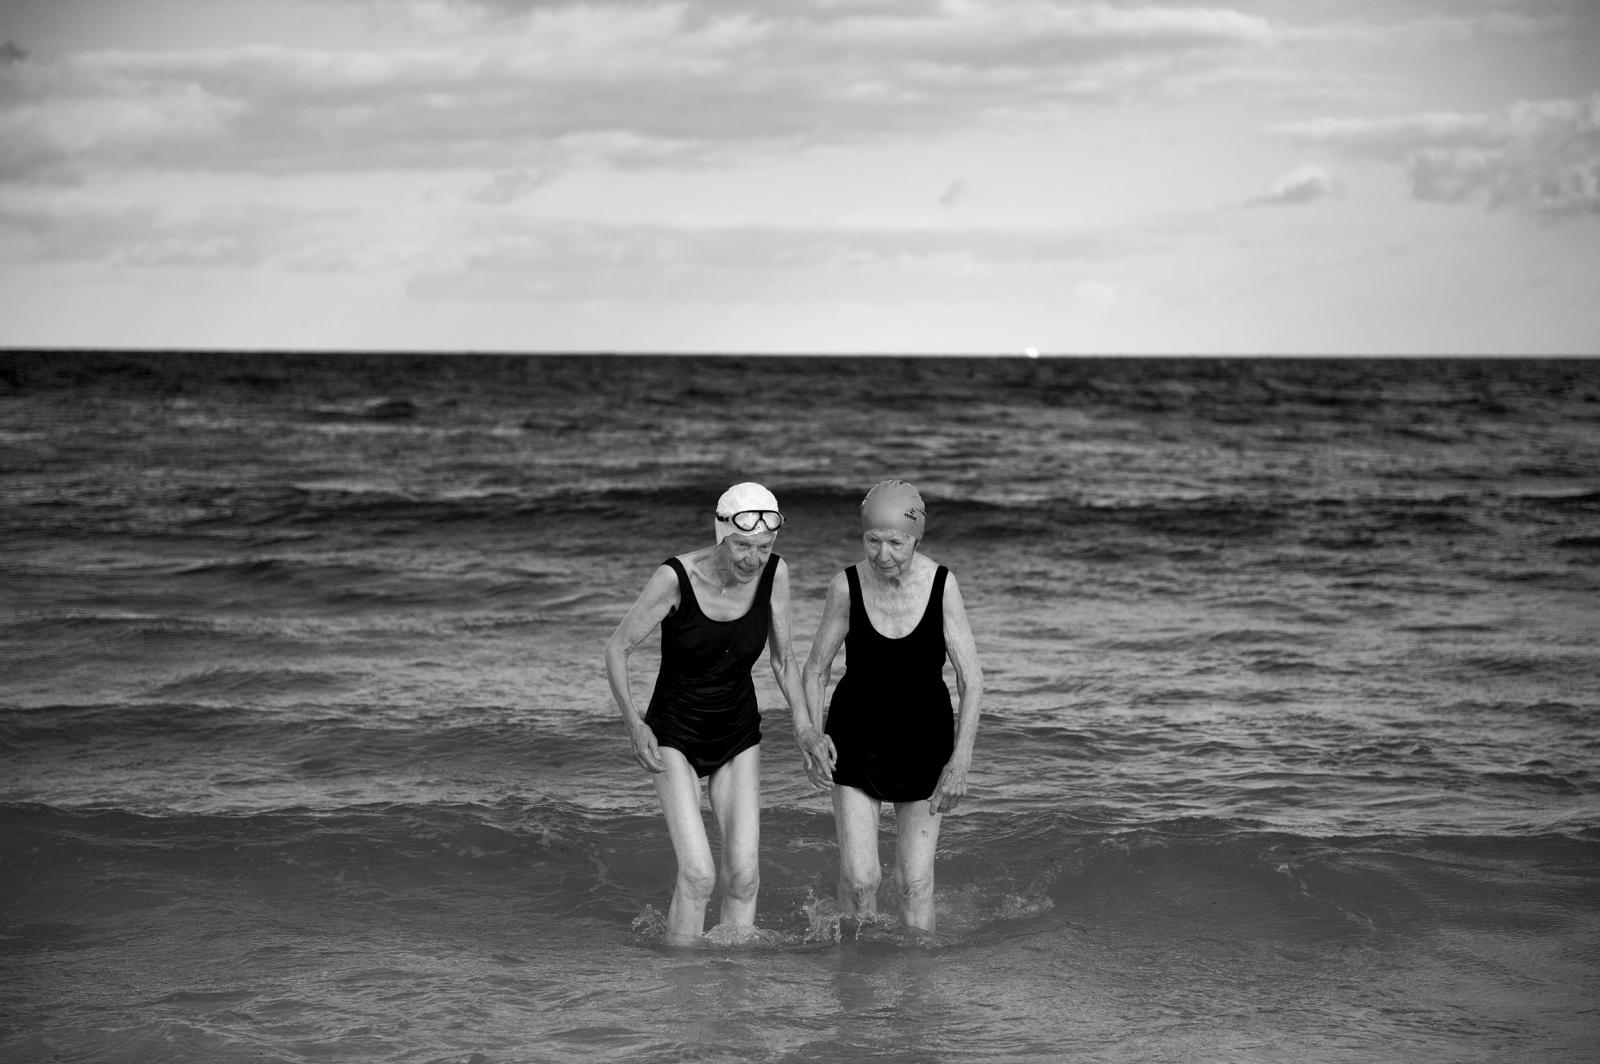 Australia. Cottesloe beach in Perth. Beach culture.